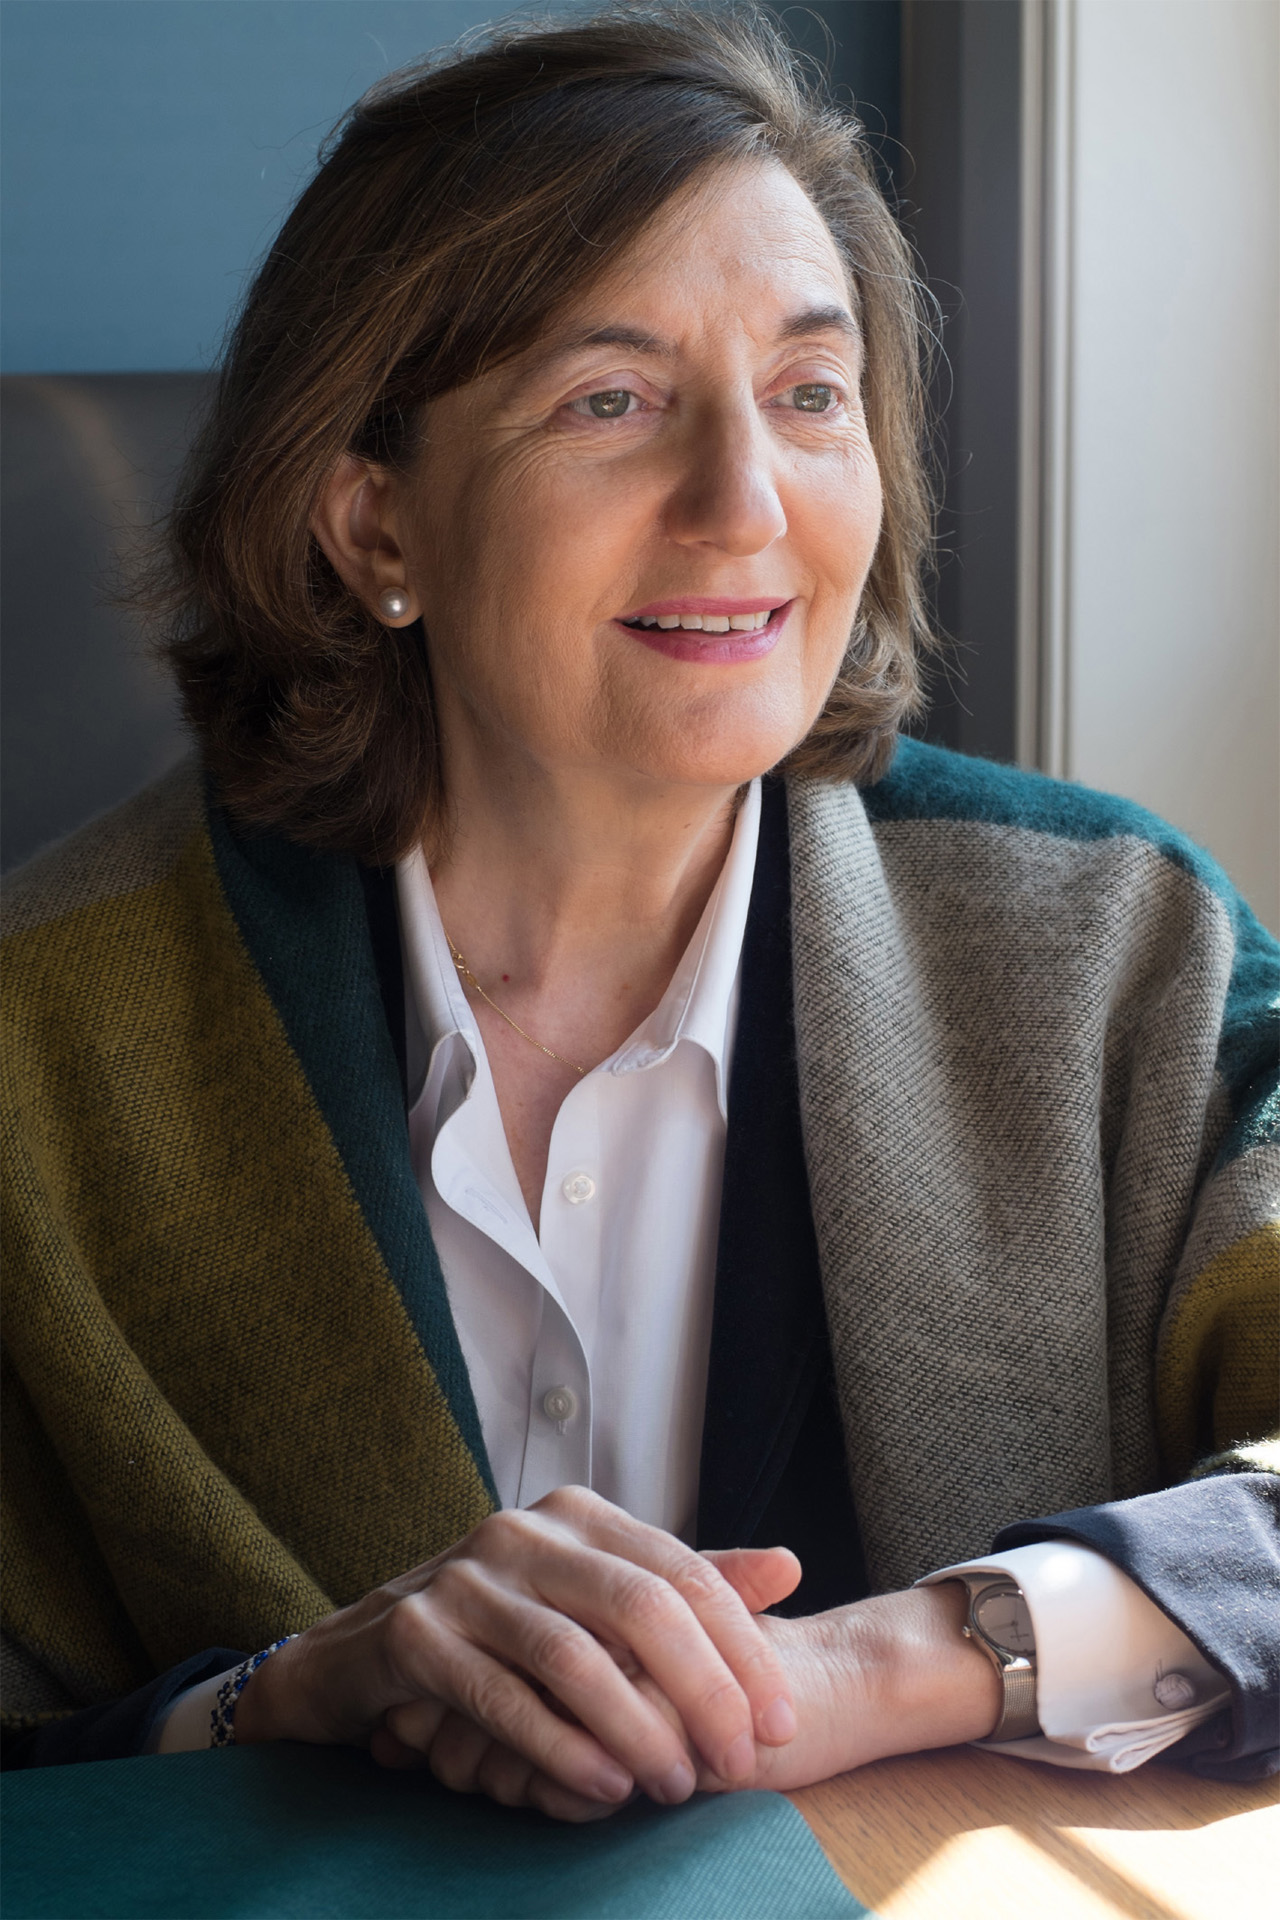 Marisa Crespo Leiro, directora de la Unidad de Insuficiencia Cardiaca y Trasplante del Complejo Hospitalario de La Coruña.